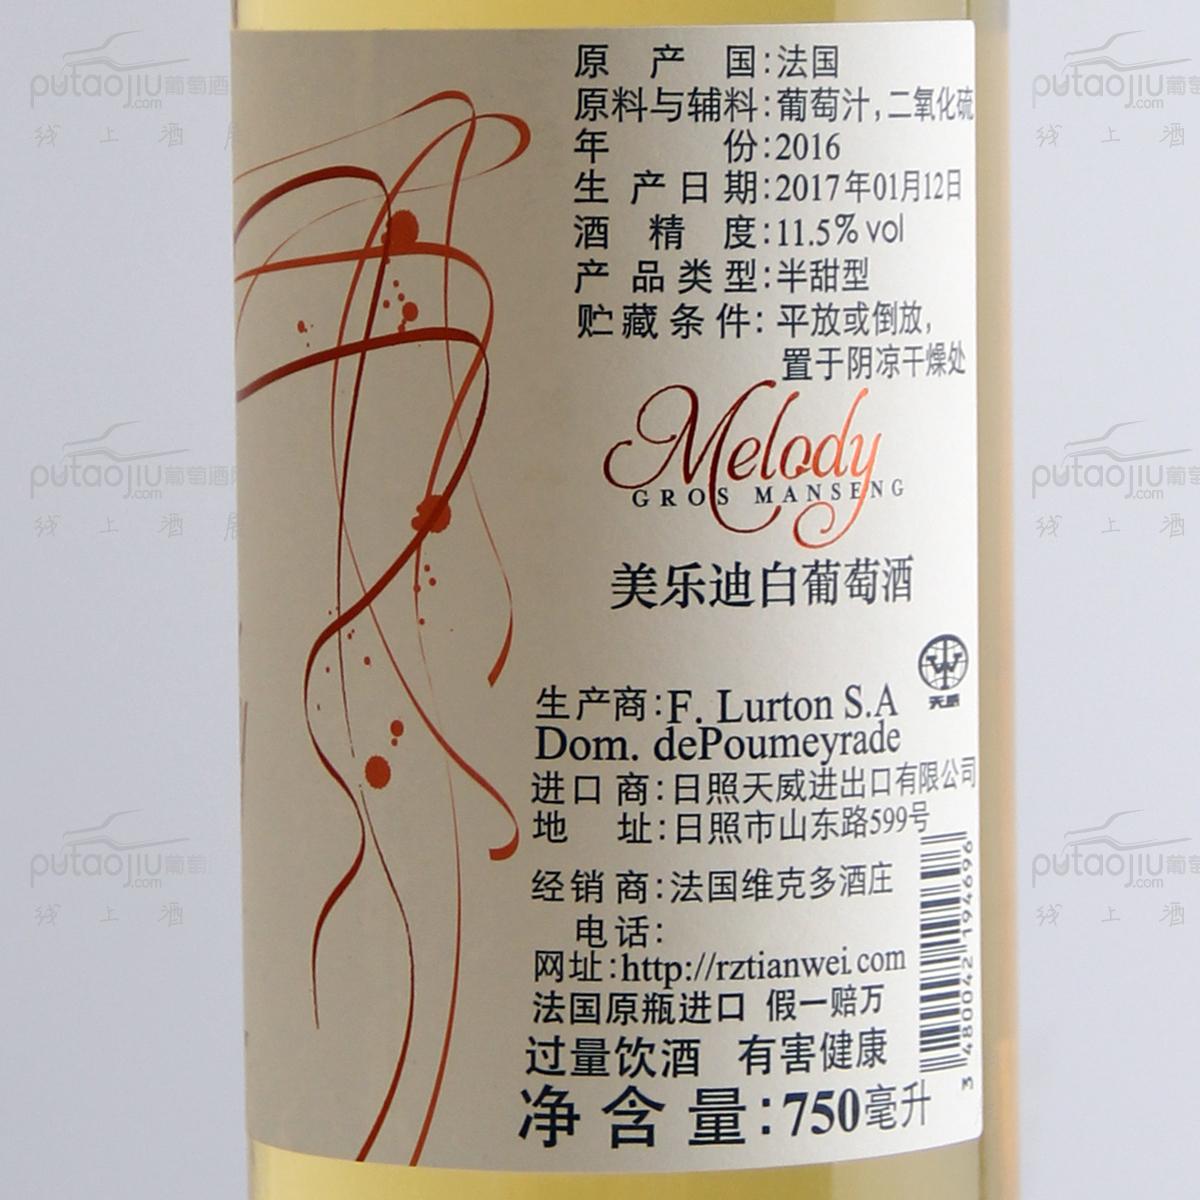 法国波尔多Francois Lurrton SA Domaine de酒庄长相思佳内-美乐迪IGP干白葡萄酒